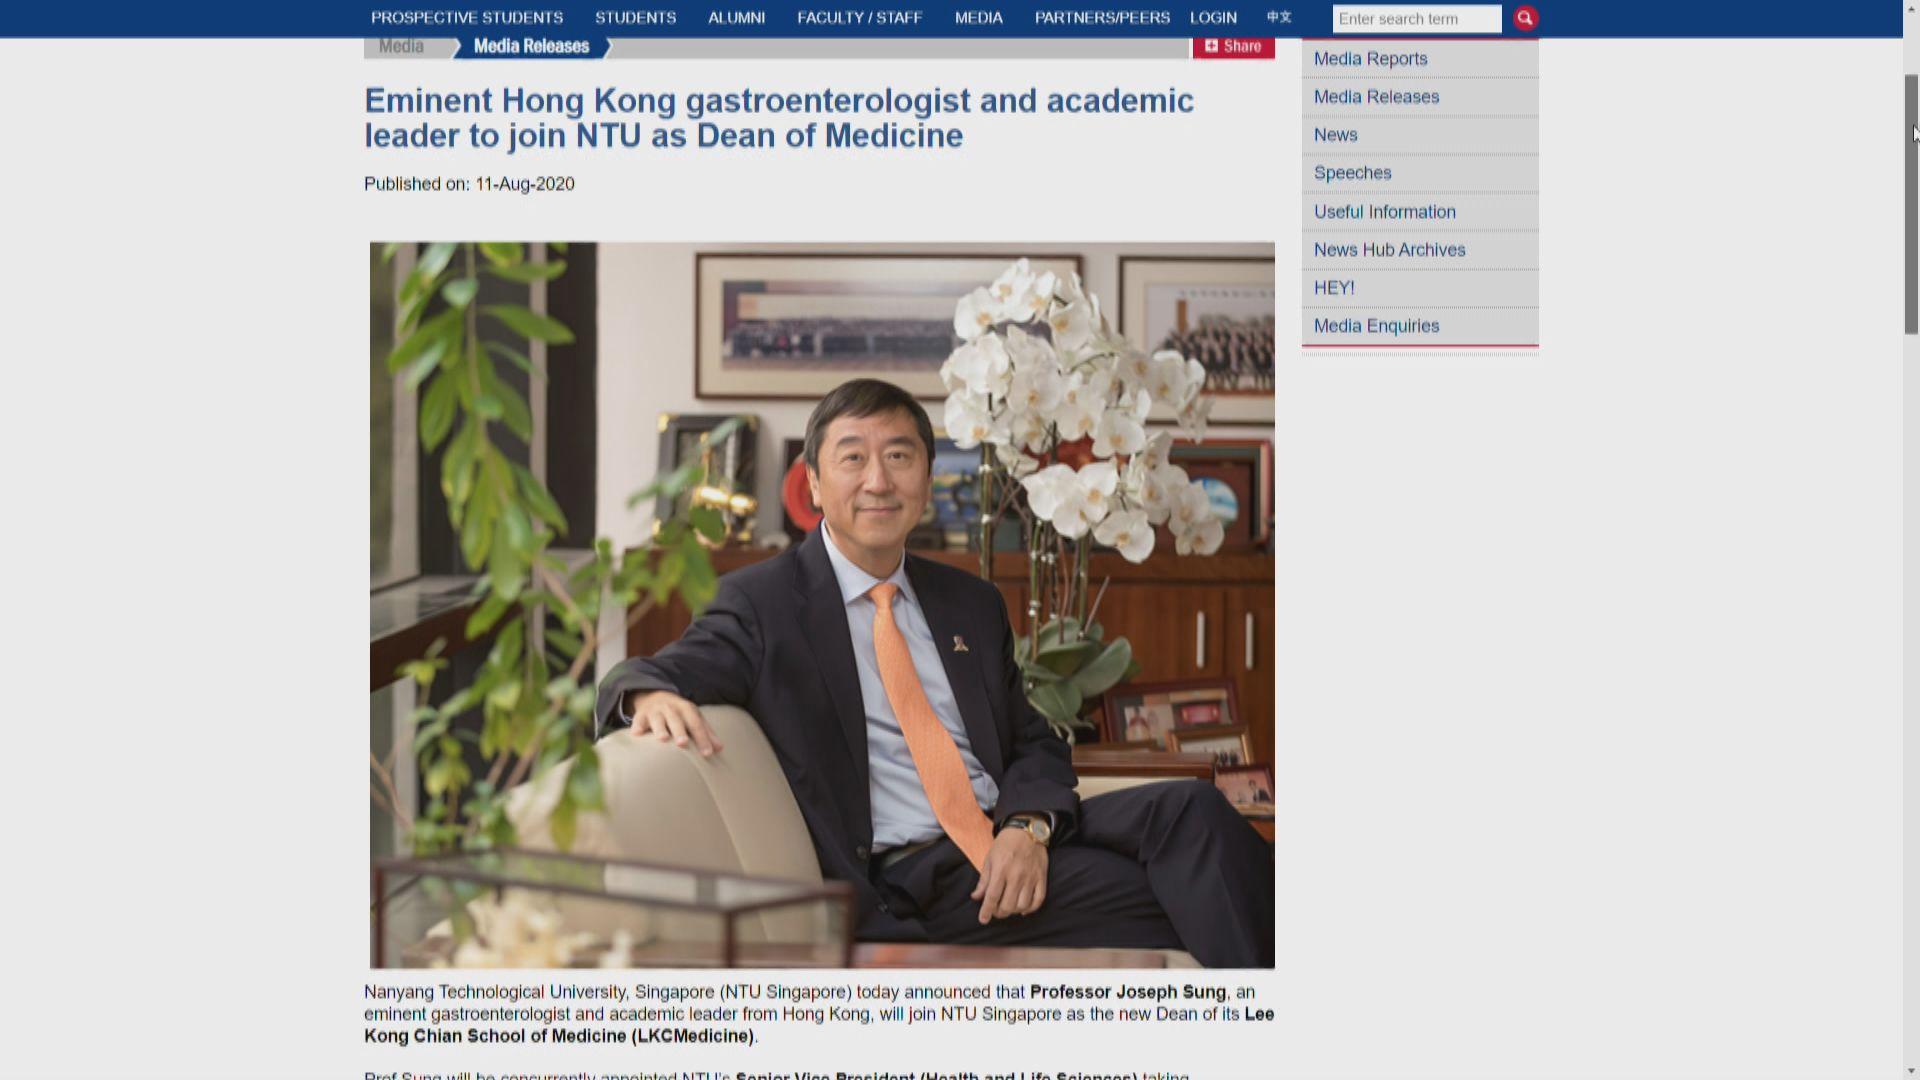 沈祖堯明年三月赴新加坡南洋理工大學任職